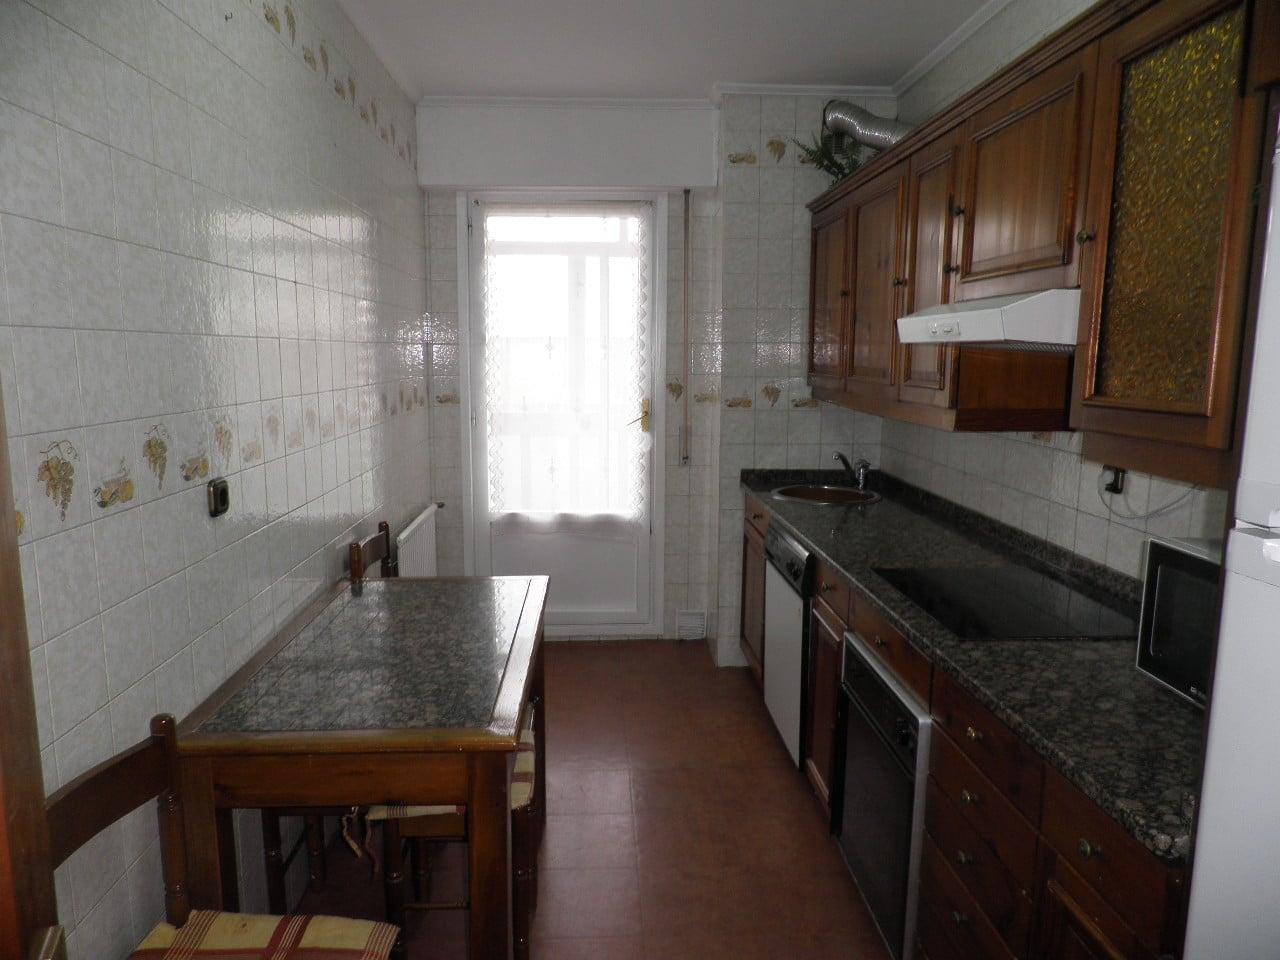 V04909-03-COCINA-PISO-VITORIA-SANTA-LUCIA-TRIVINSA-INMOBILIARIA